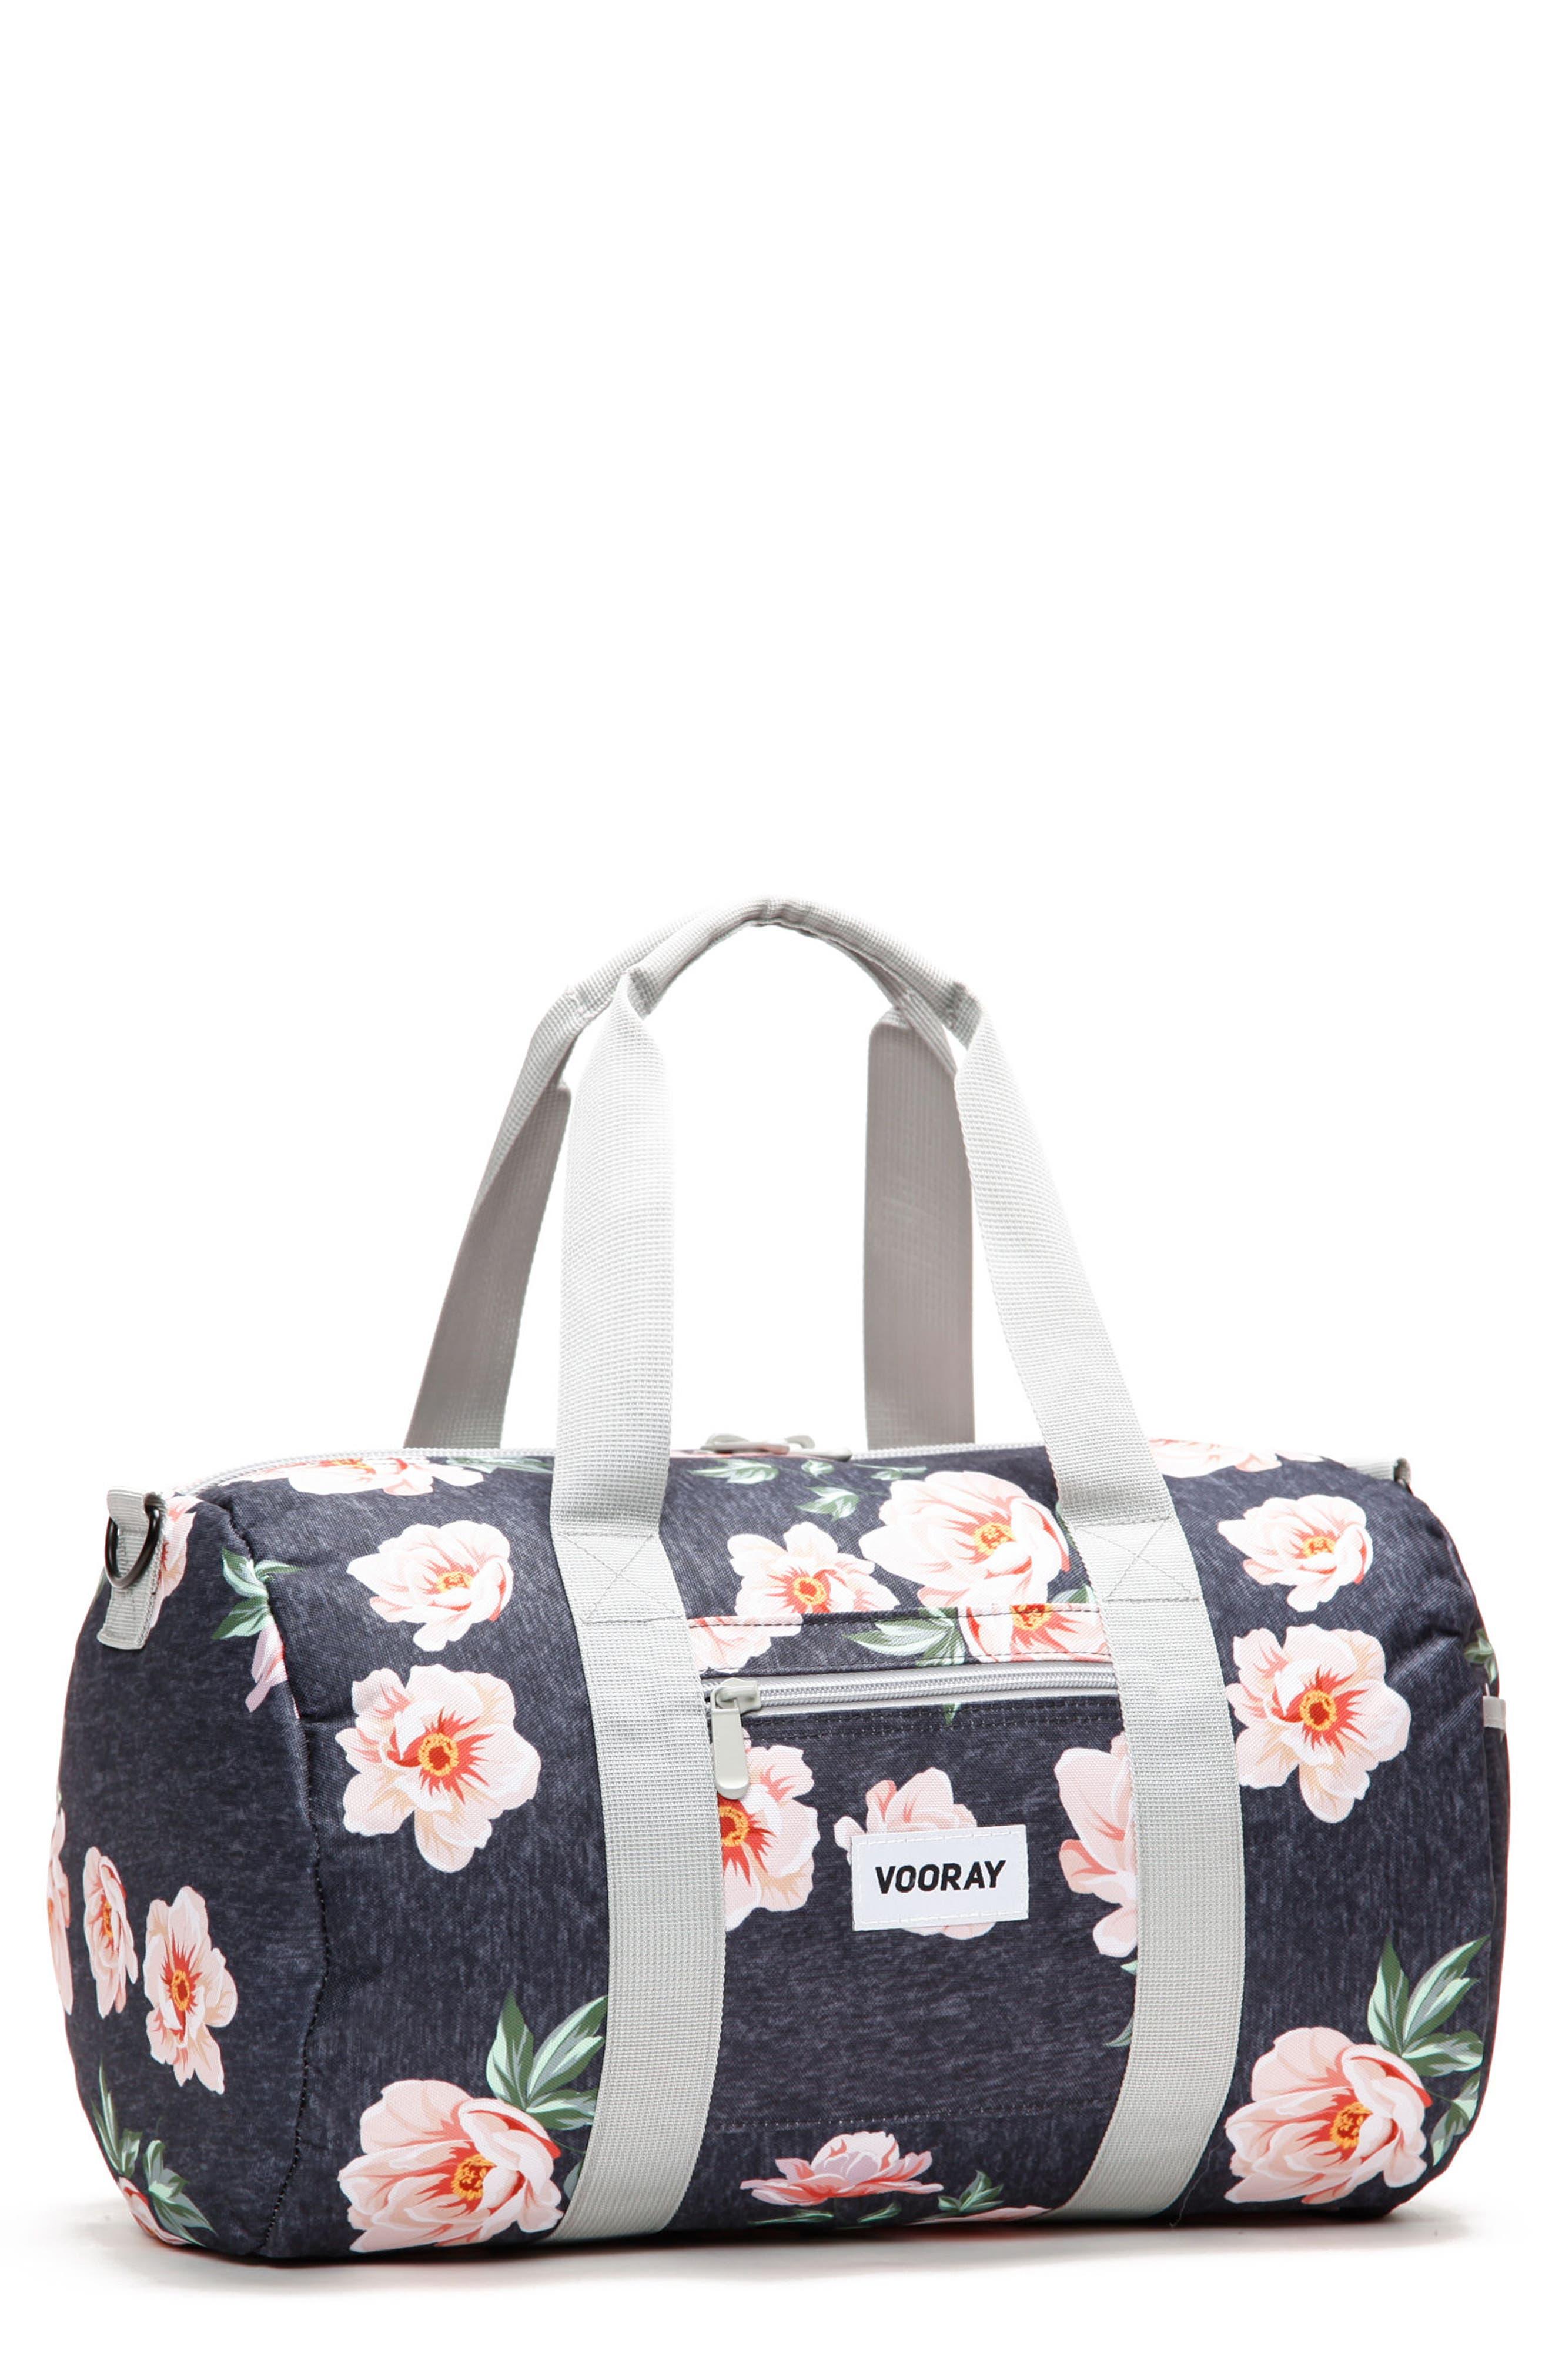 Roadie Small Duffel Bag,                             Main thumbnail 1, color,                             Rose Navy